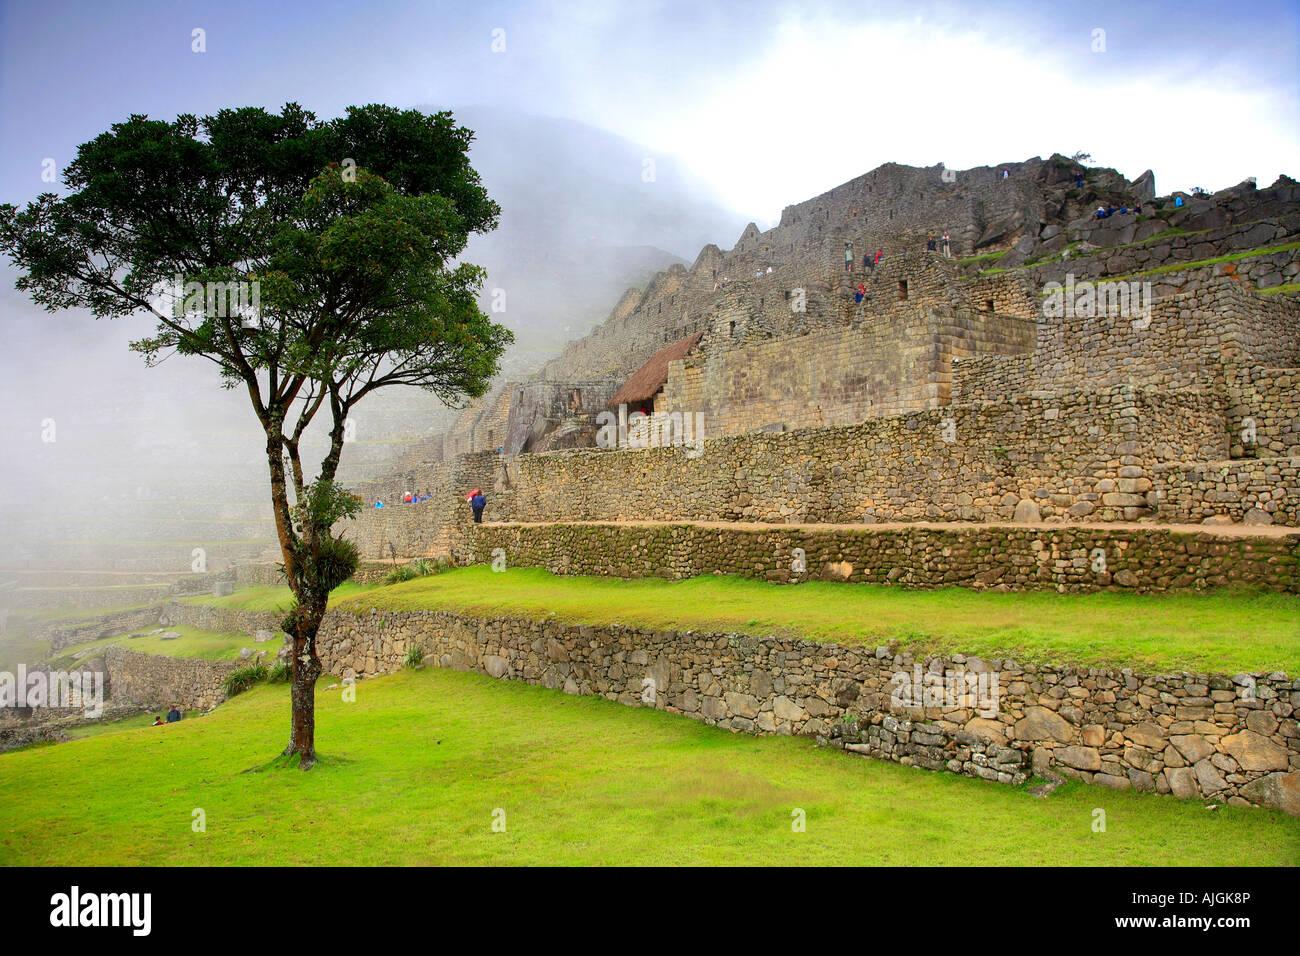 Arbre dans la brume du matin de secteur urbain du site du patrimoine mondial de l'Andes Pérou Machu Picchu Photo Stock